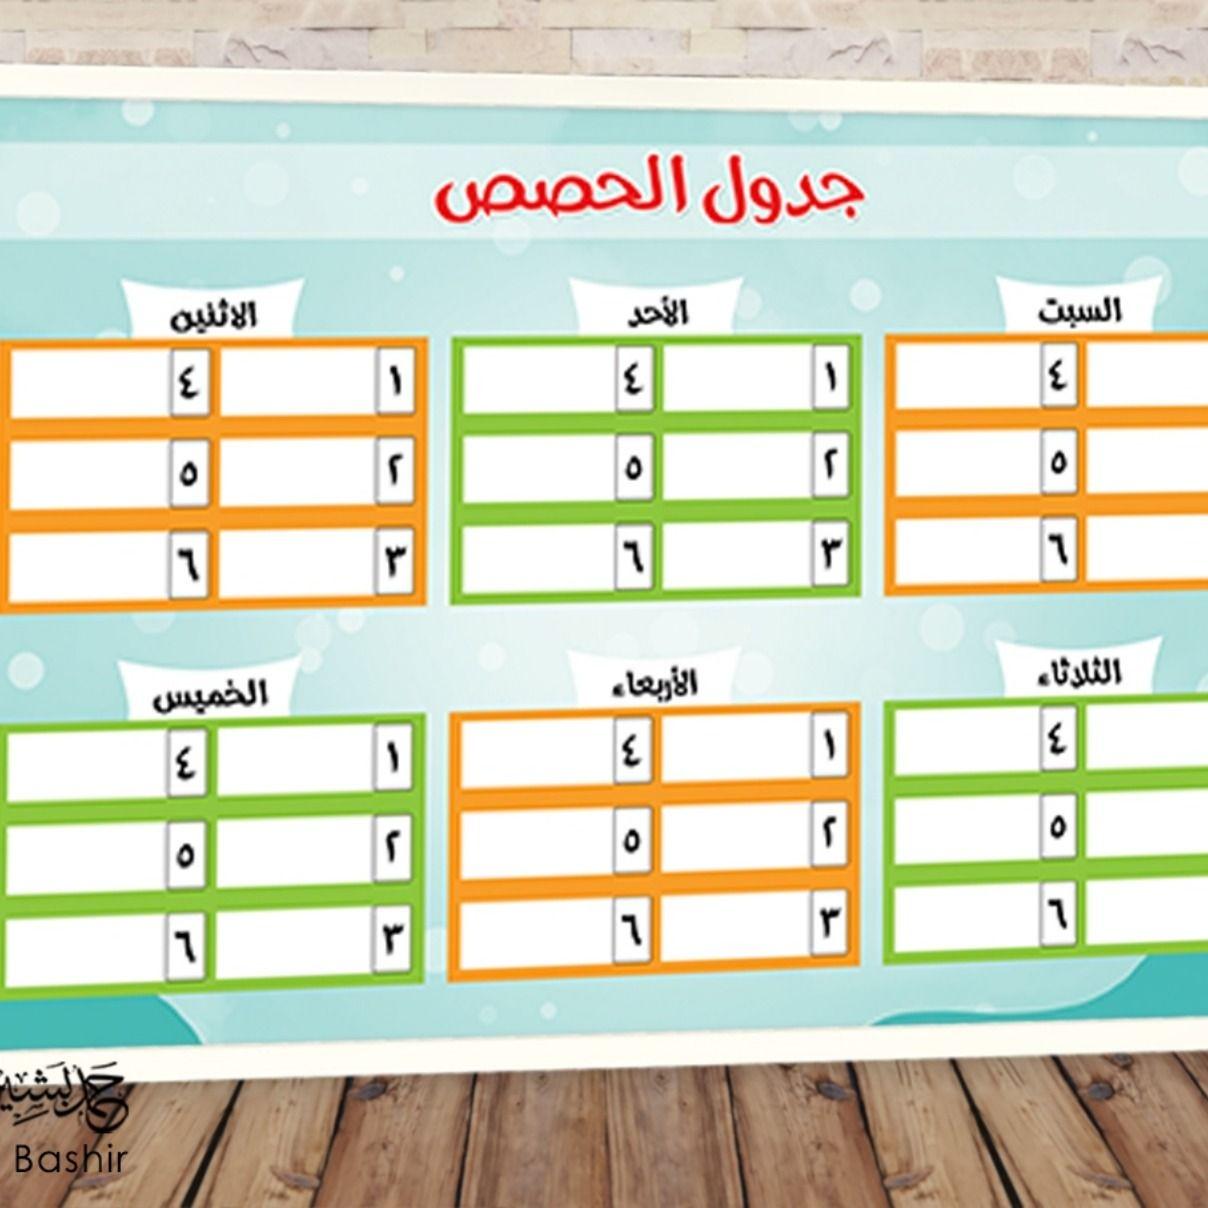 جدول حصص الاسبوعي المدرسي جاهز للطباعة شكل 6 Home Decor Decor Furniture